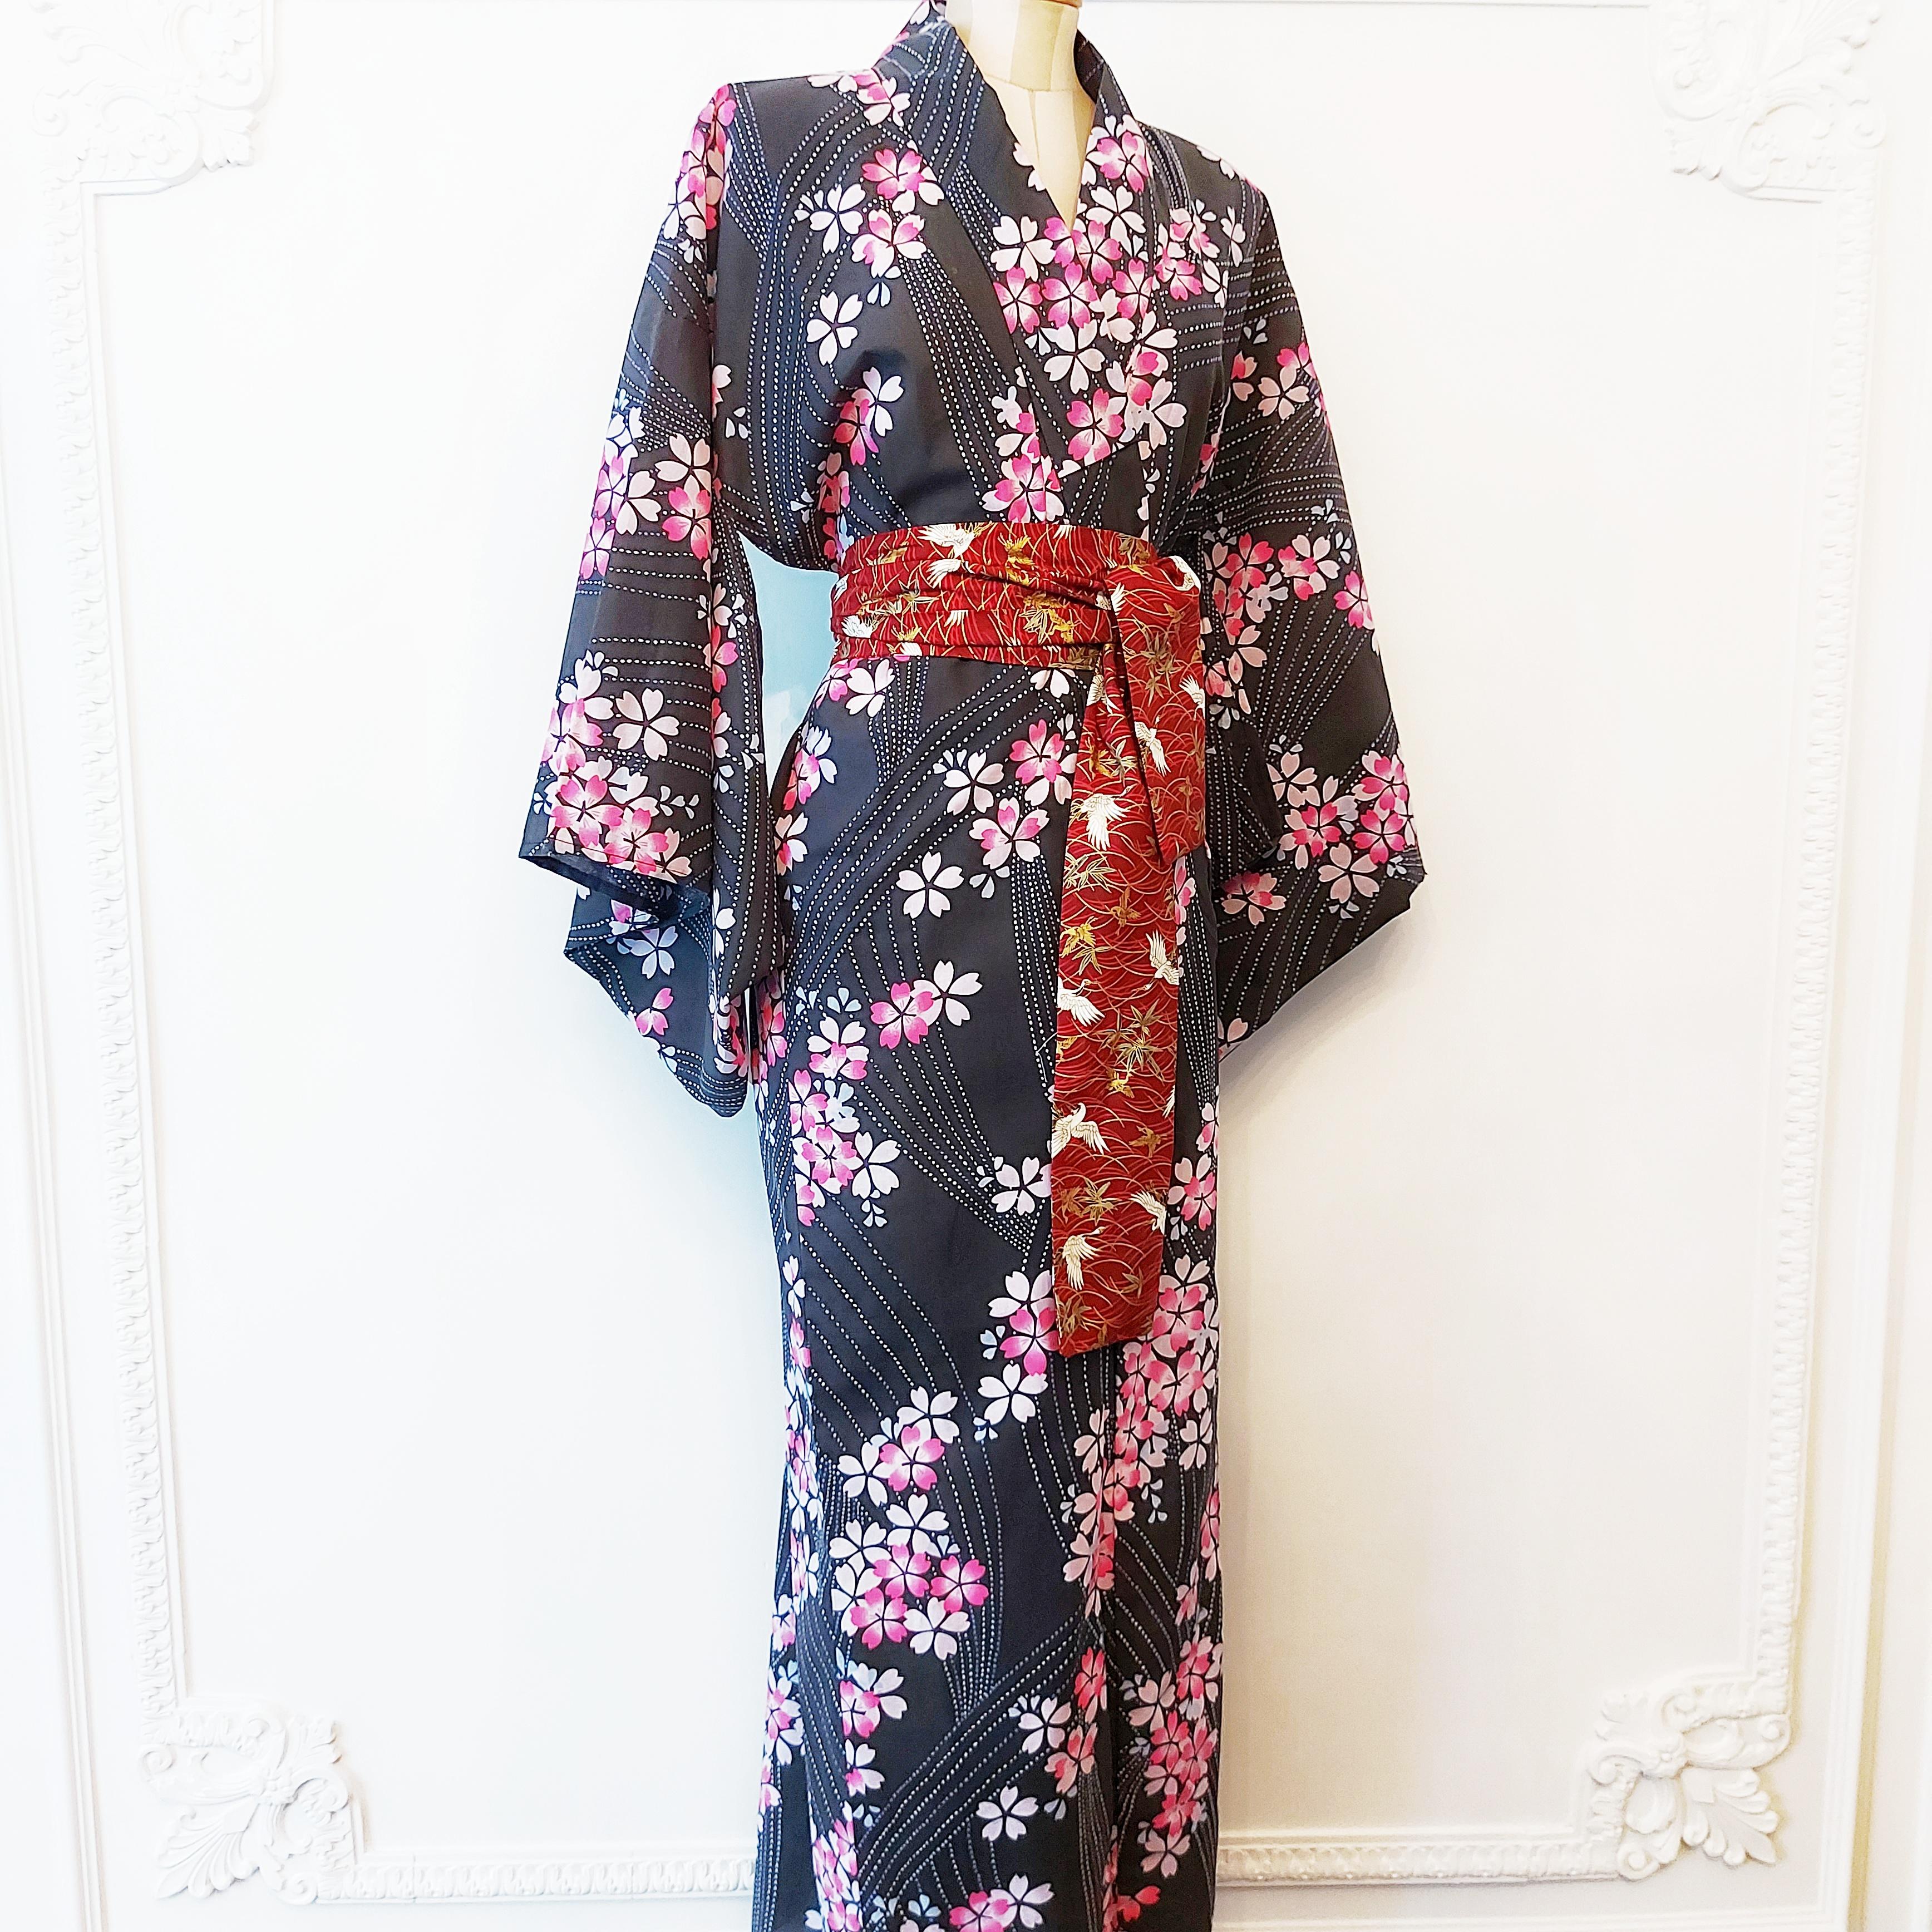 japanese-yukata-kimono-cherry-blossom-